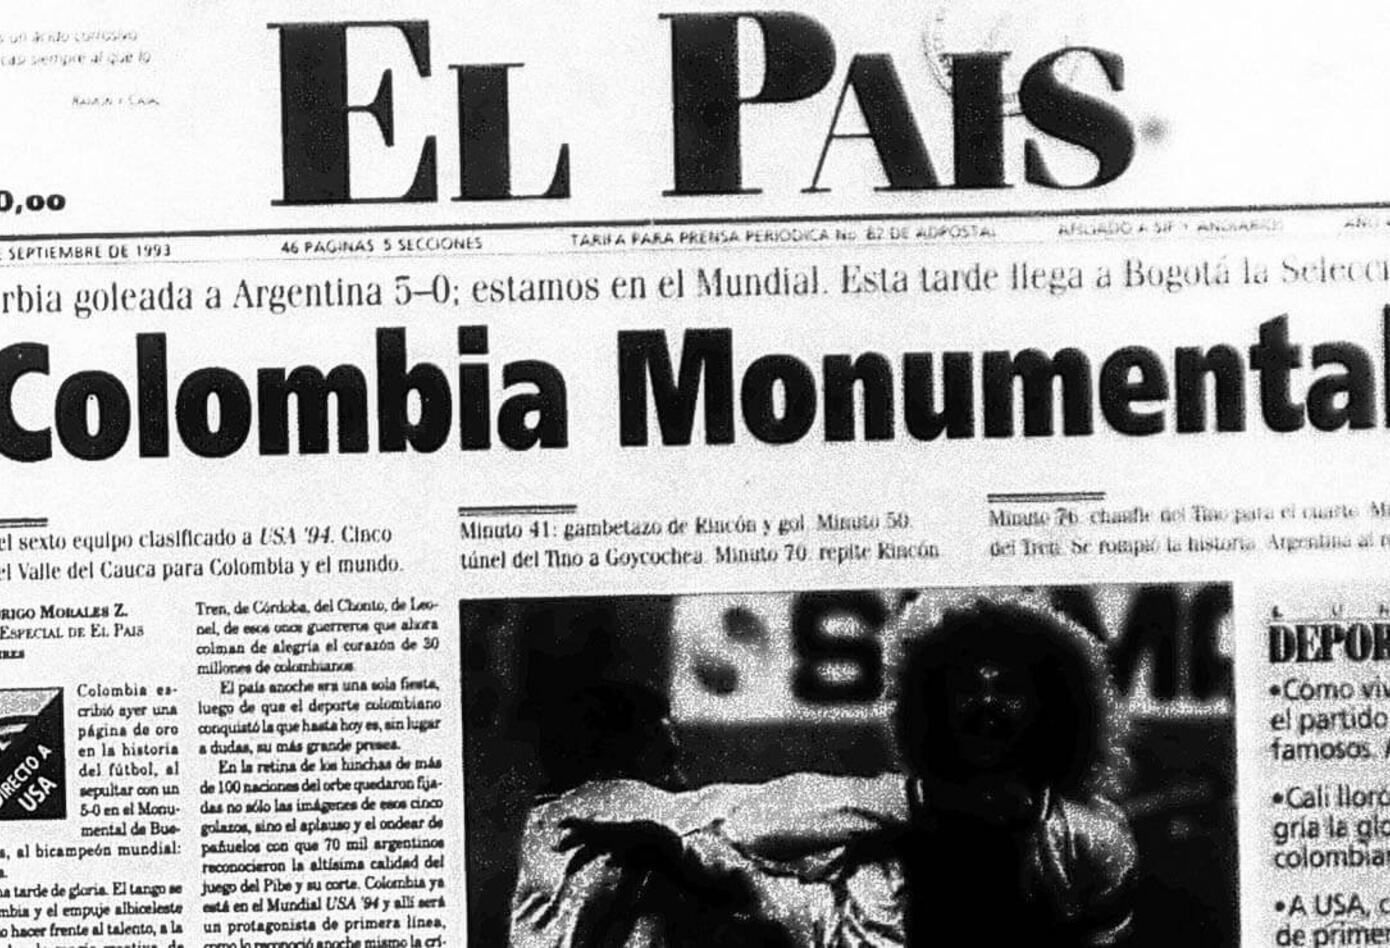 Portada del diario El País el 6 de septiembre de 1993